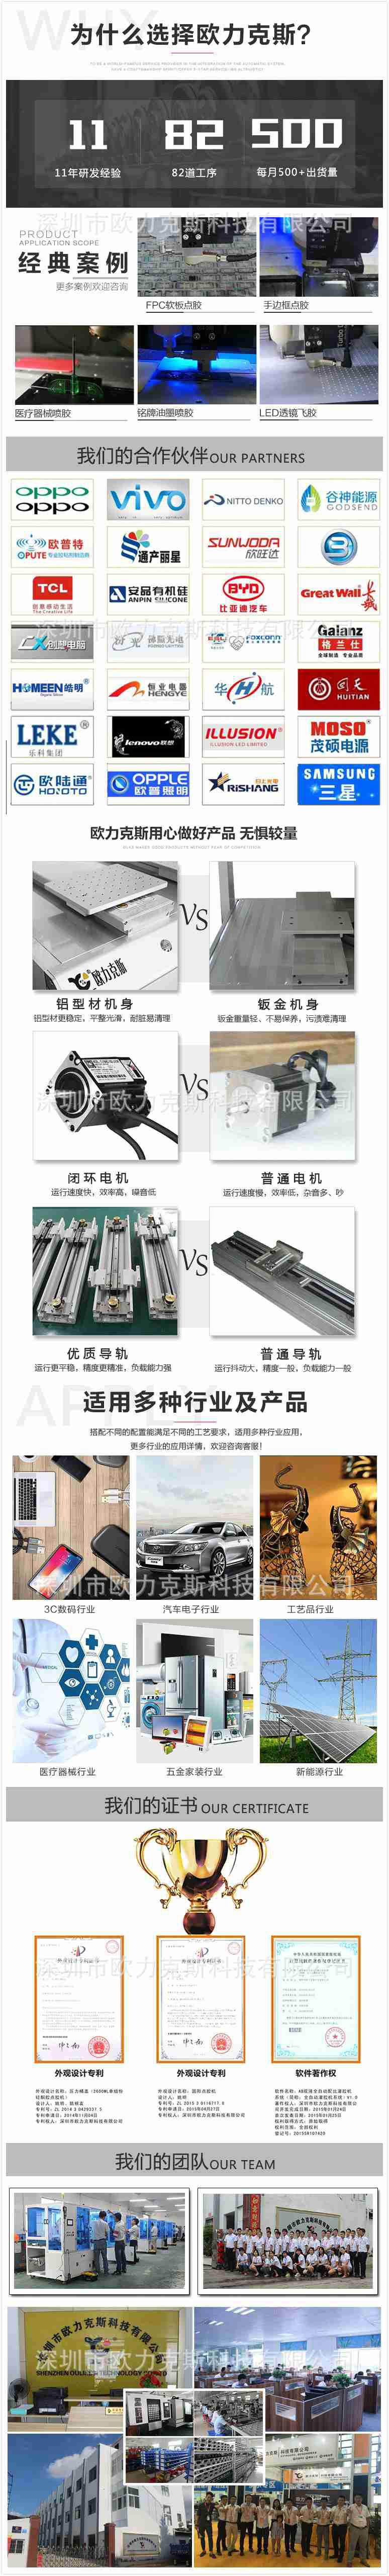 深圳视觉ccd点胶机厂家